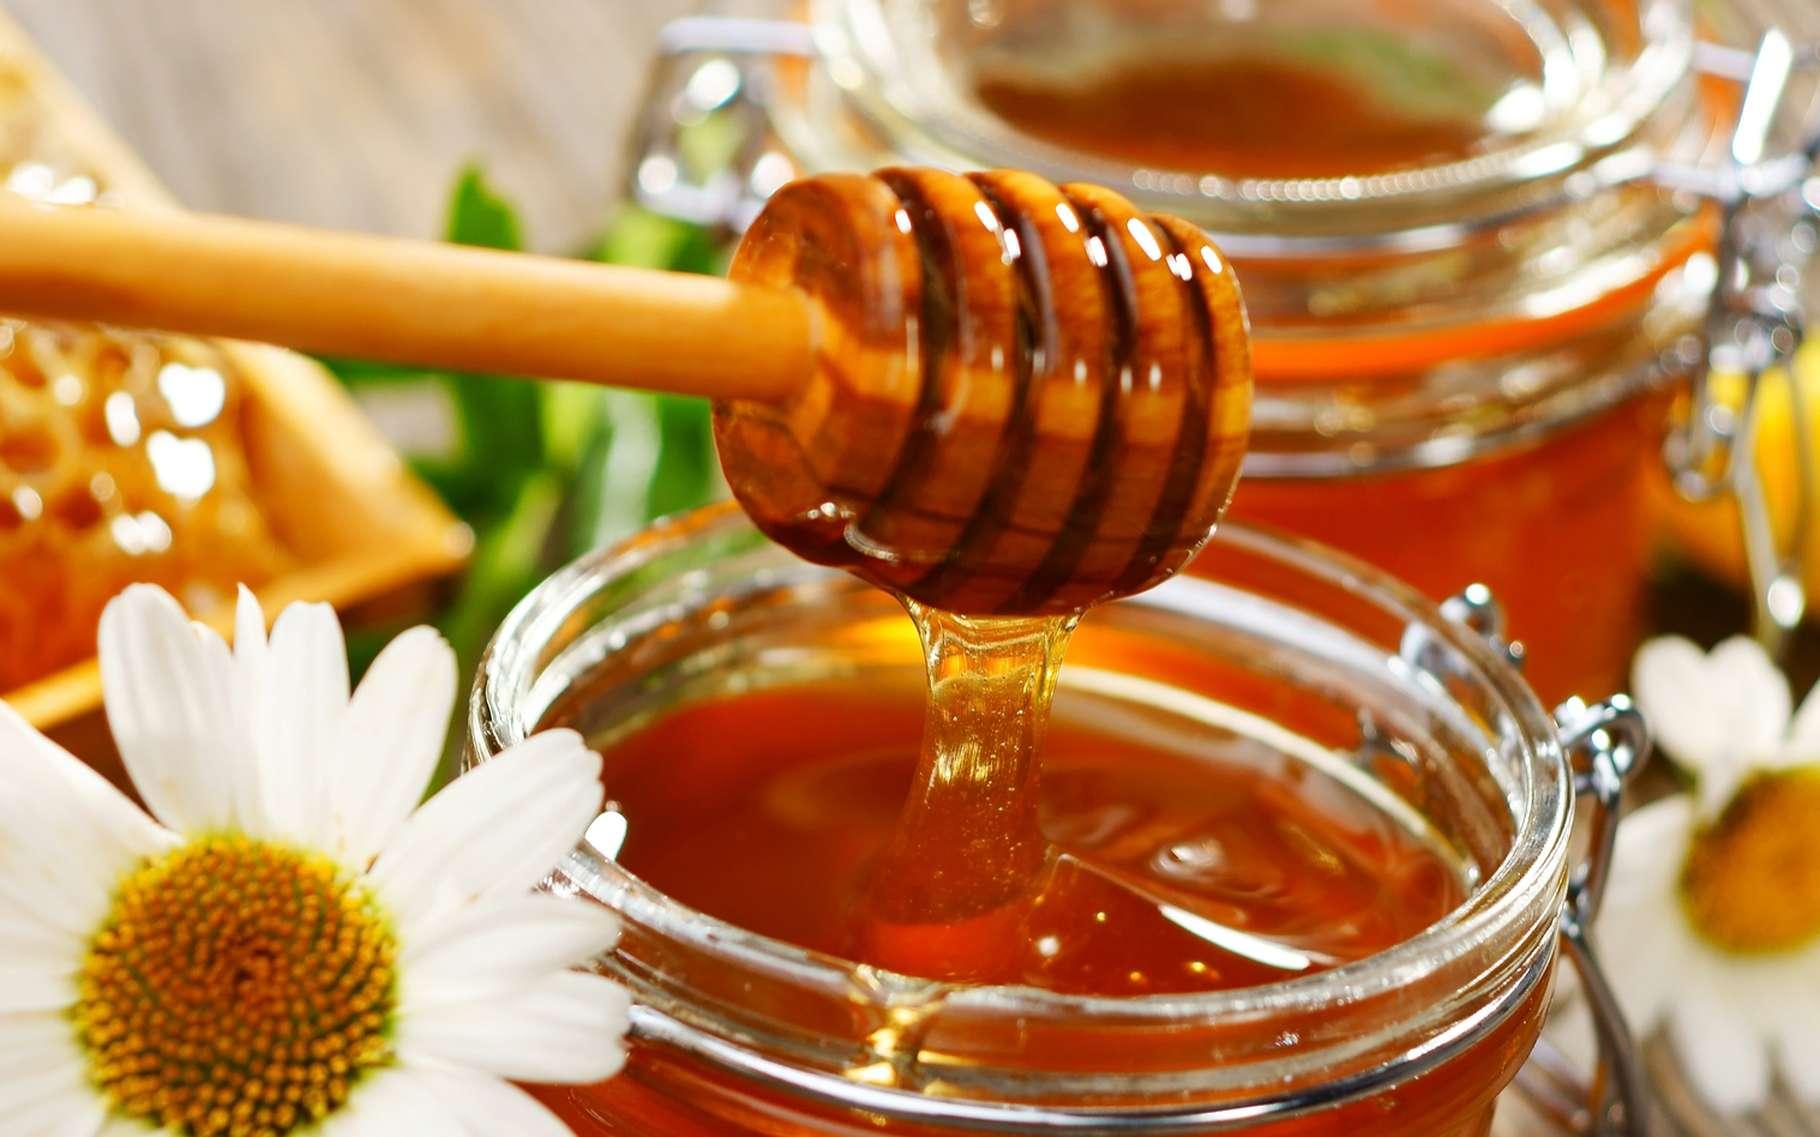 Connaissez-vous les bienfaits du miel ? © Dani Vincek, Shutterstock